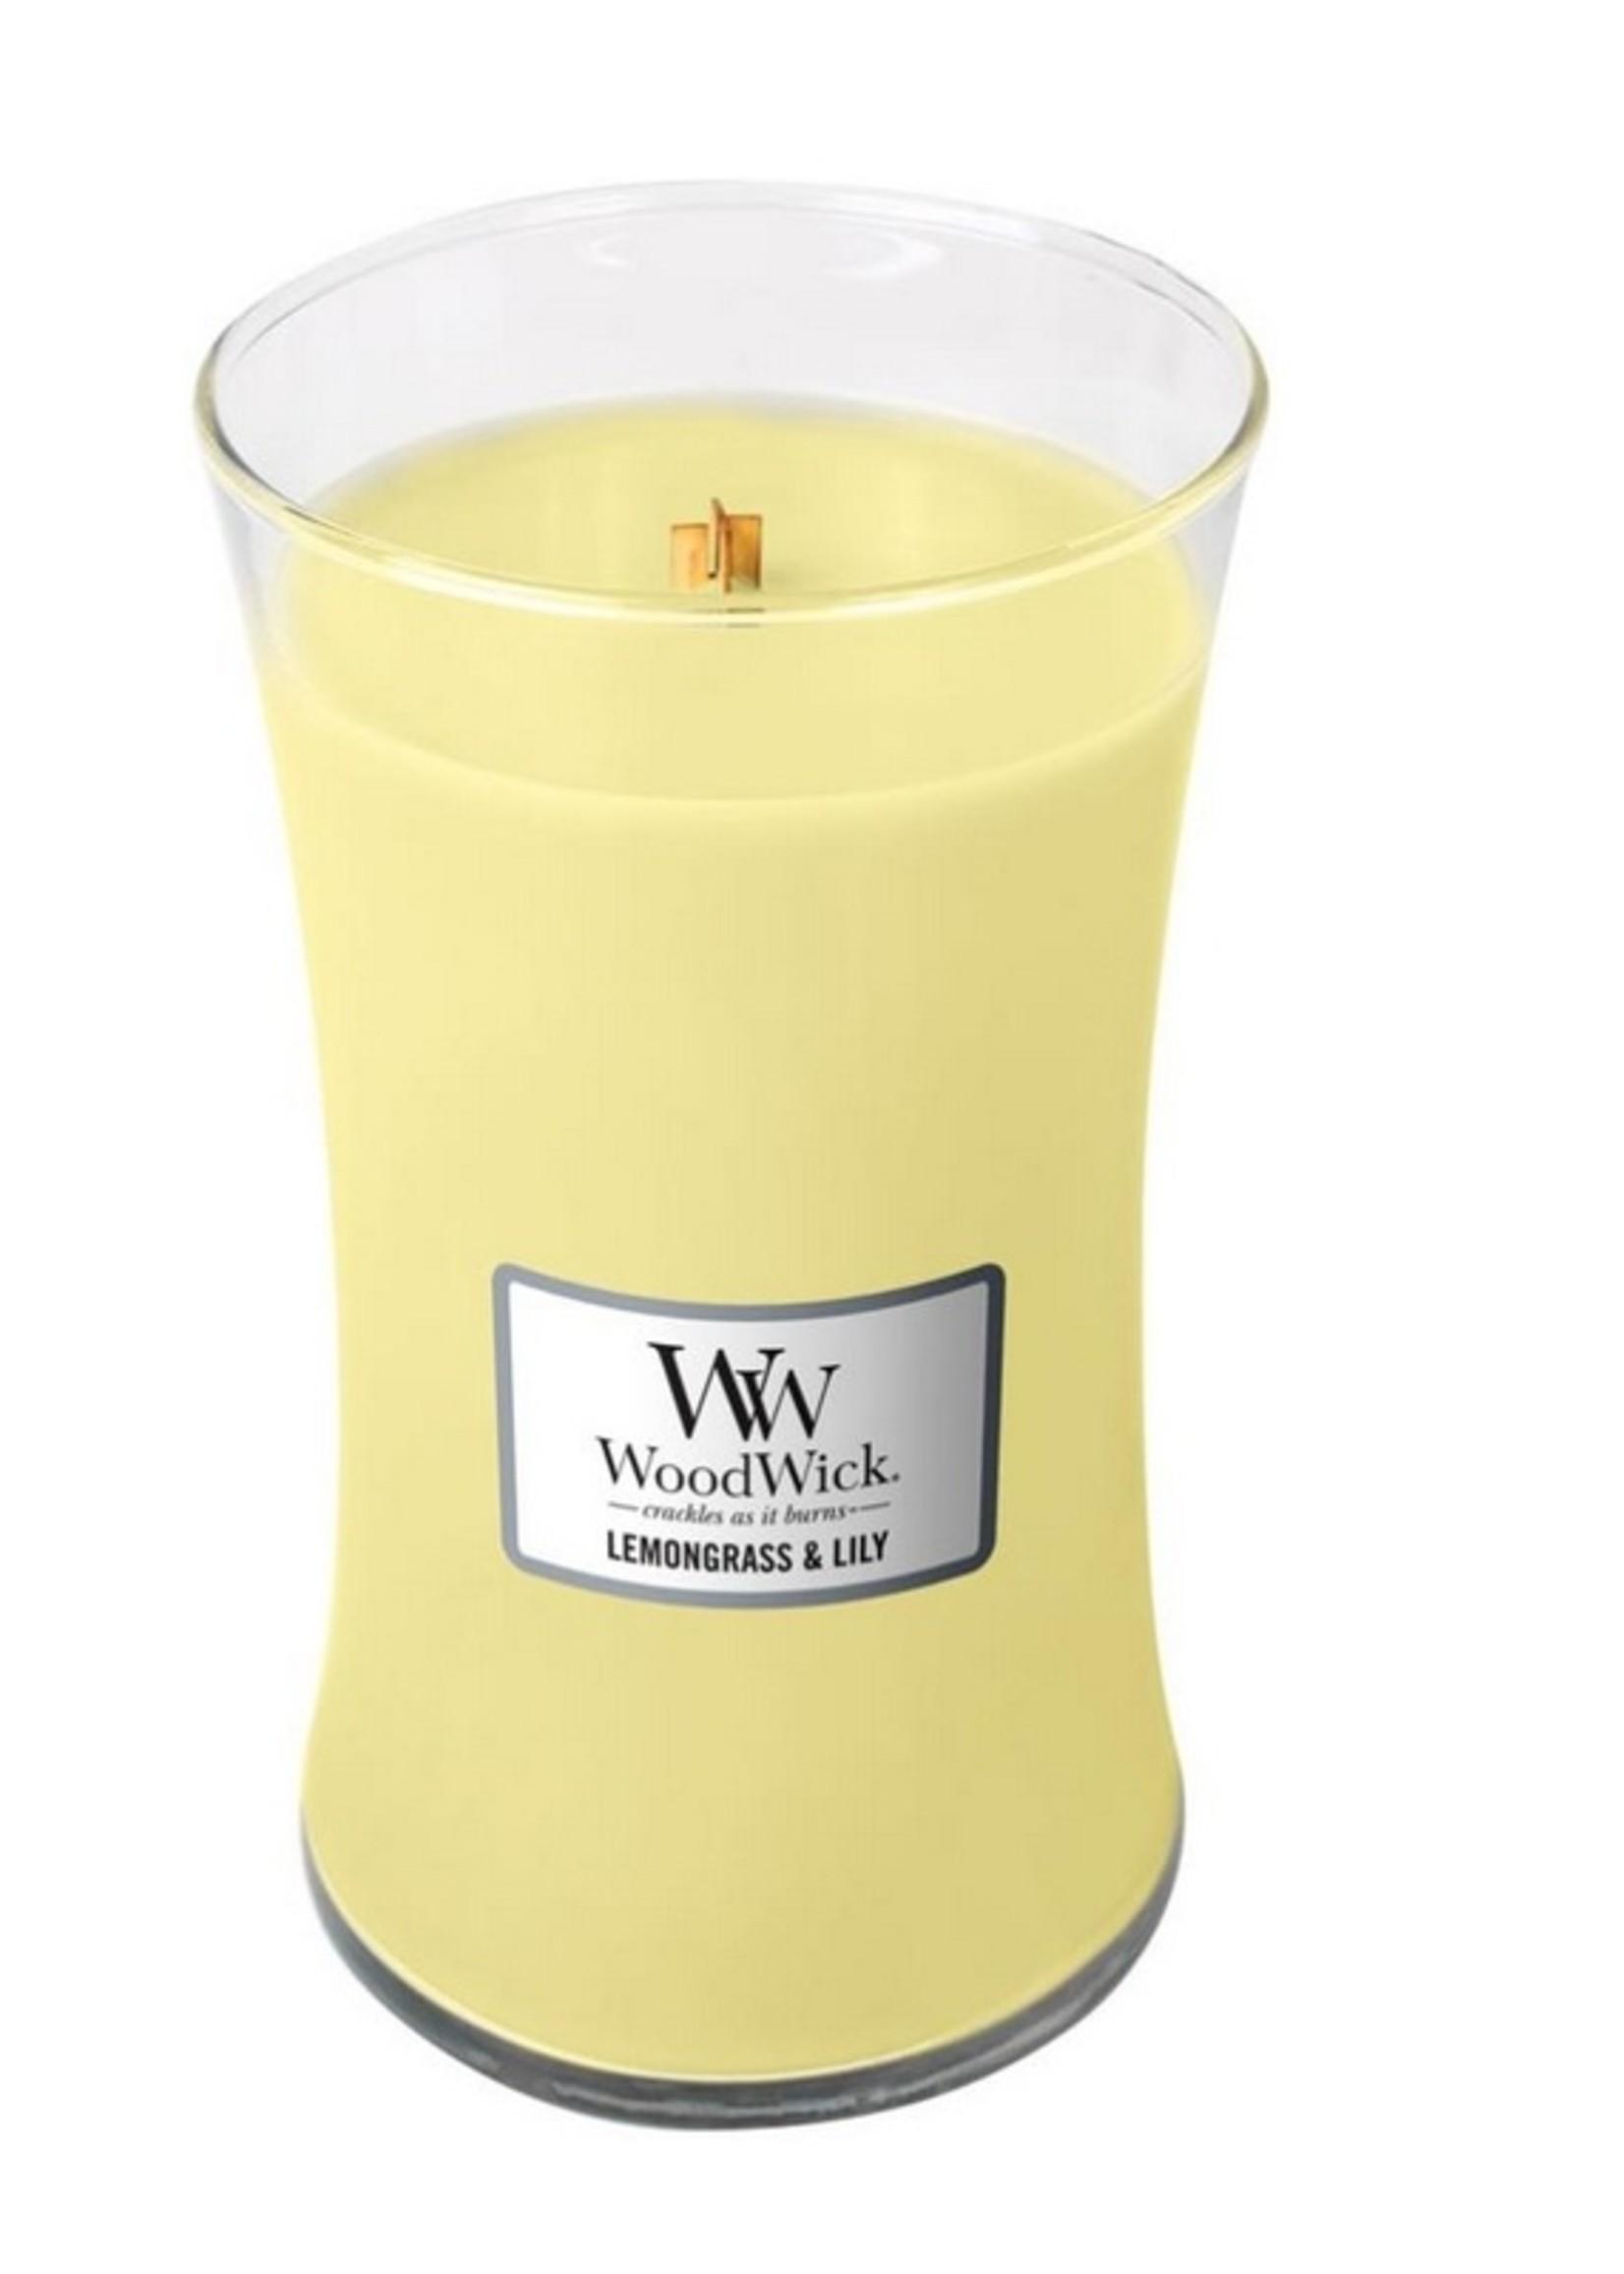 Woodwick Woodwick Lemongrass & Lilly Large Candle